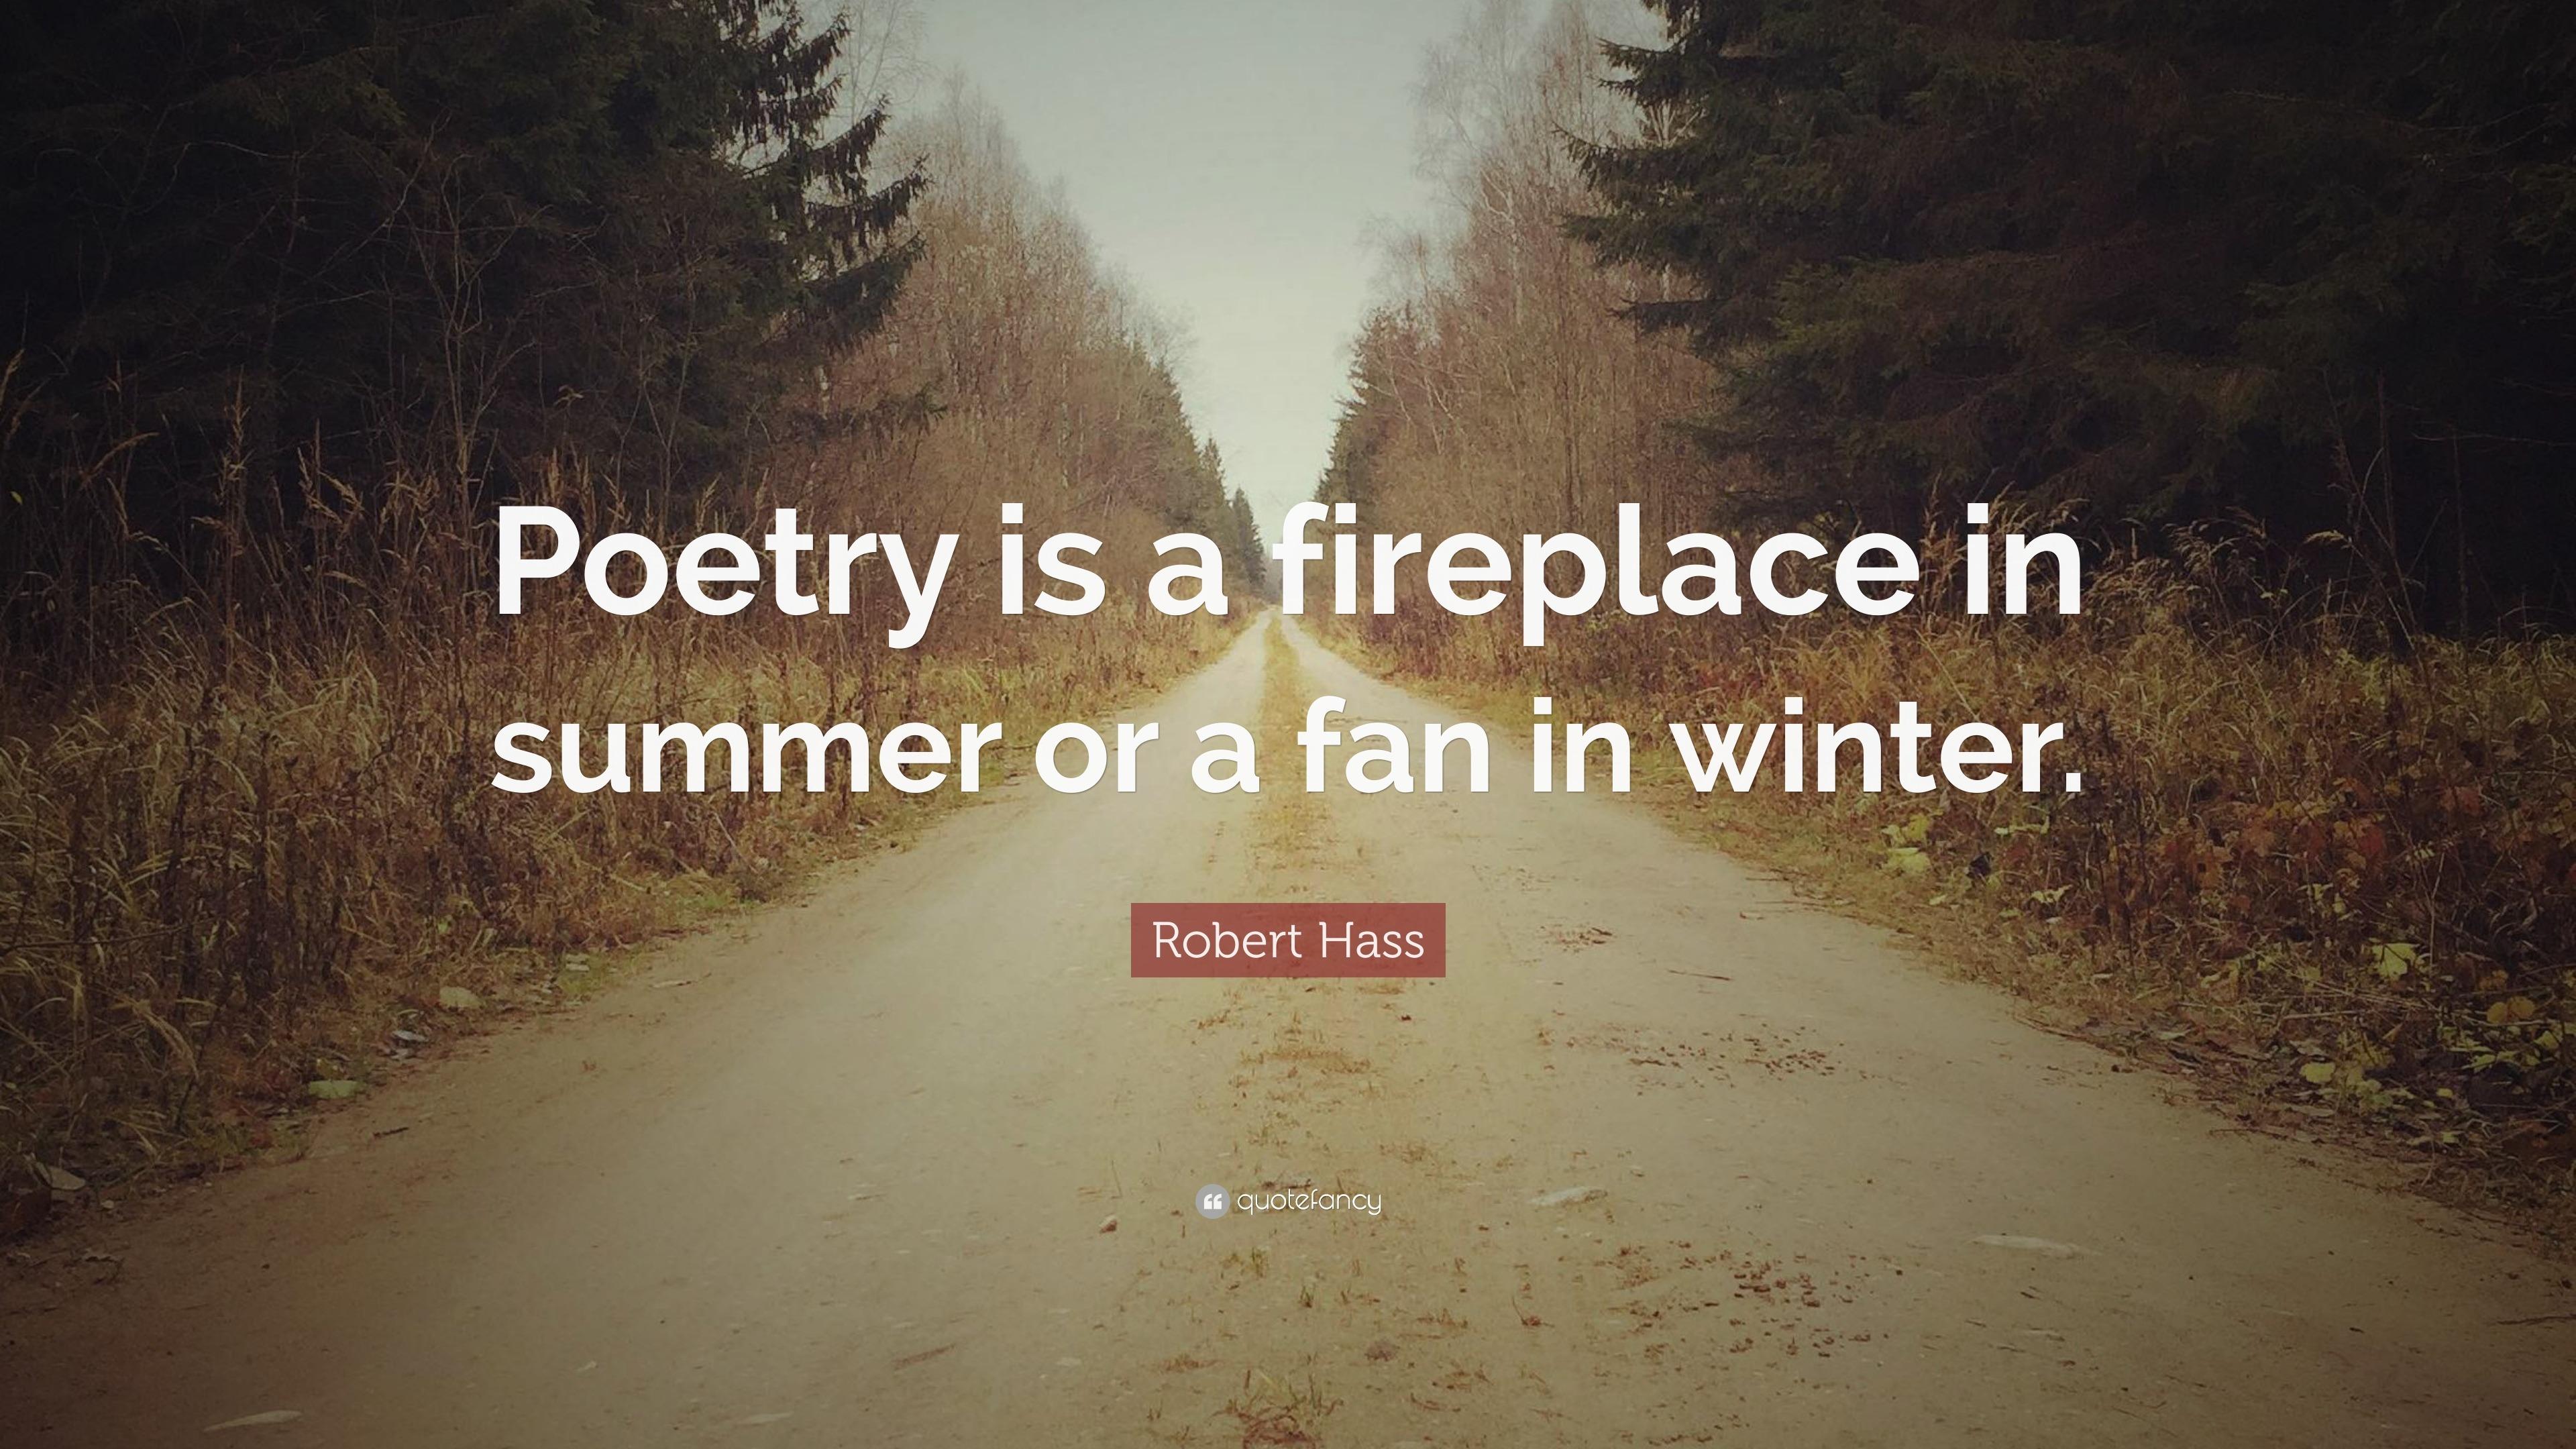 Robert Hass Quotes (27 wallpapers) - Quotefancy